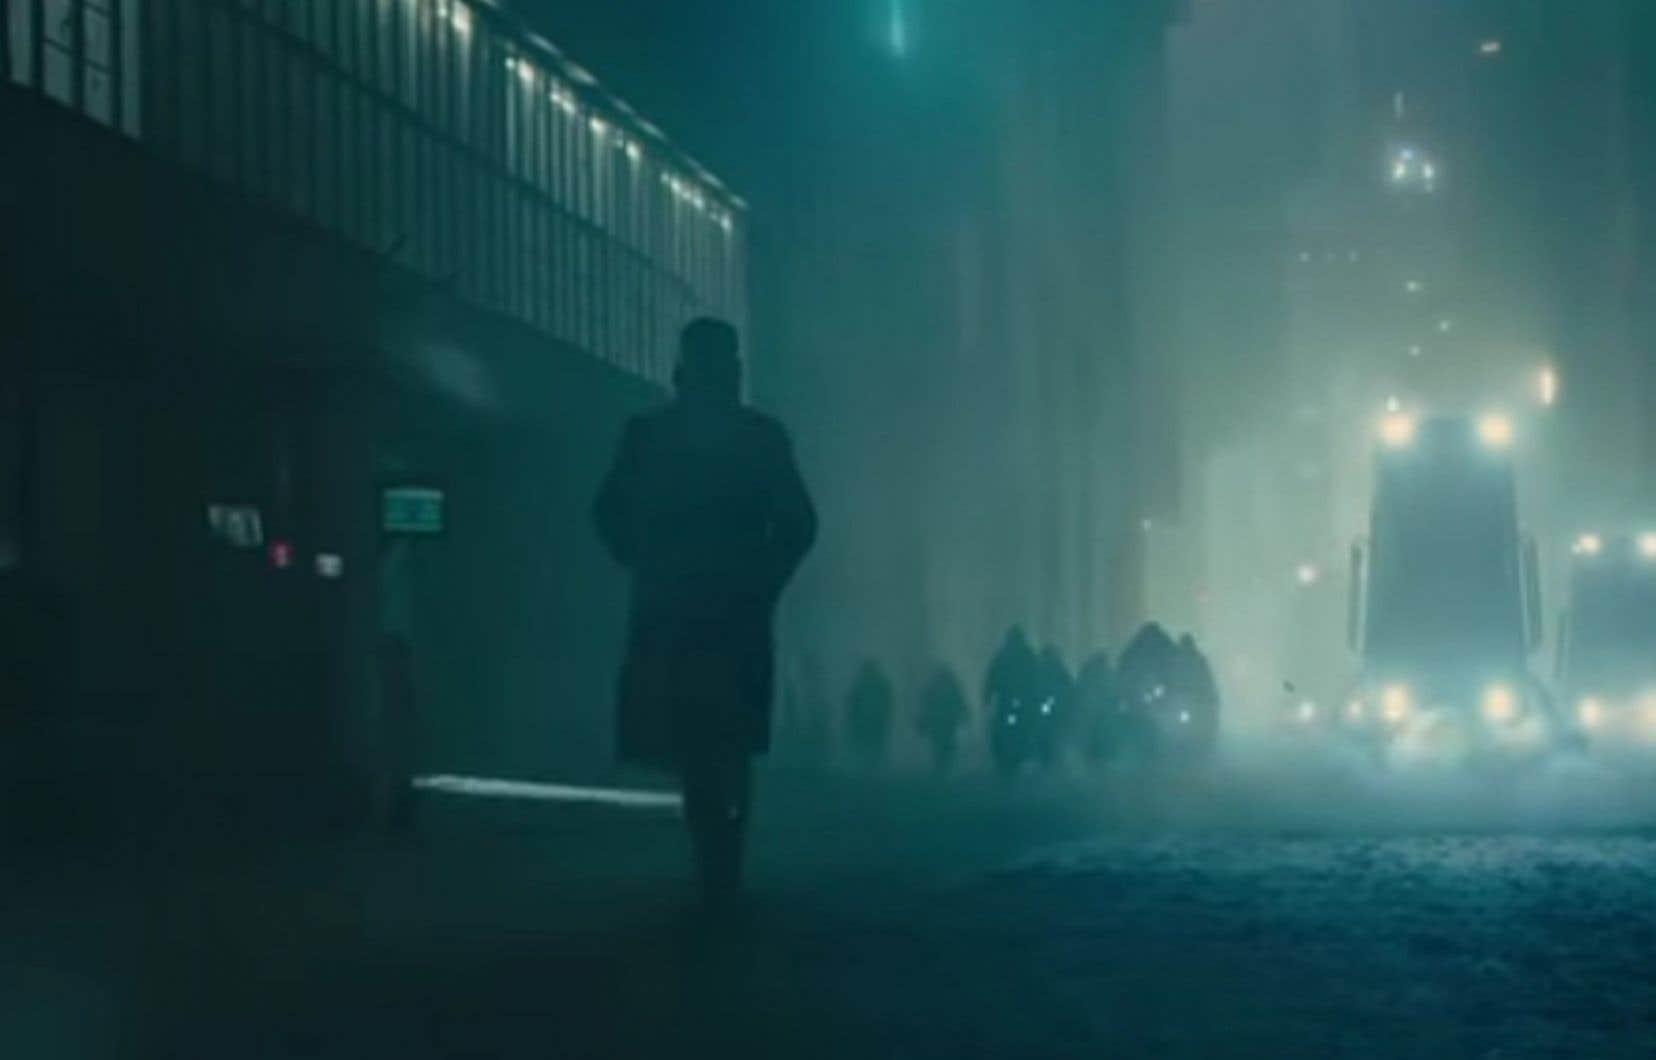 Le film «Blade Runner 2049» (dont est tirée l'image) n'est pas aux Oscar cette année parce que la machine hollywoodienne est complexe et qu'elle carbure aux «buzz», estime l'auteure.